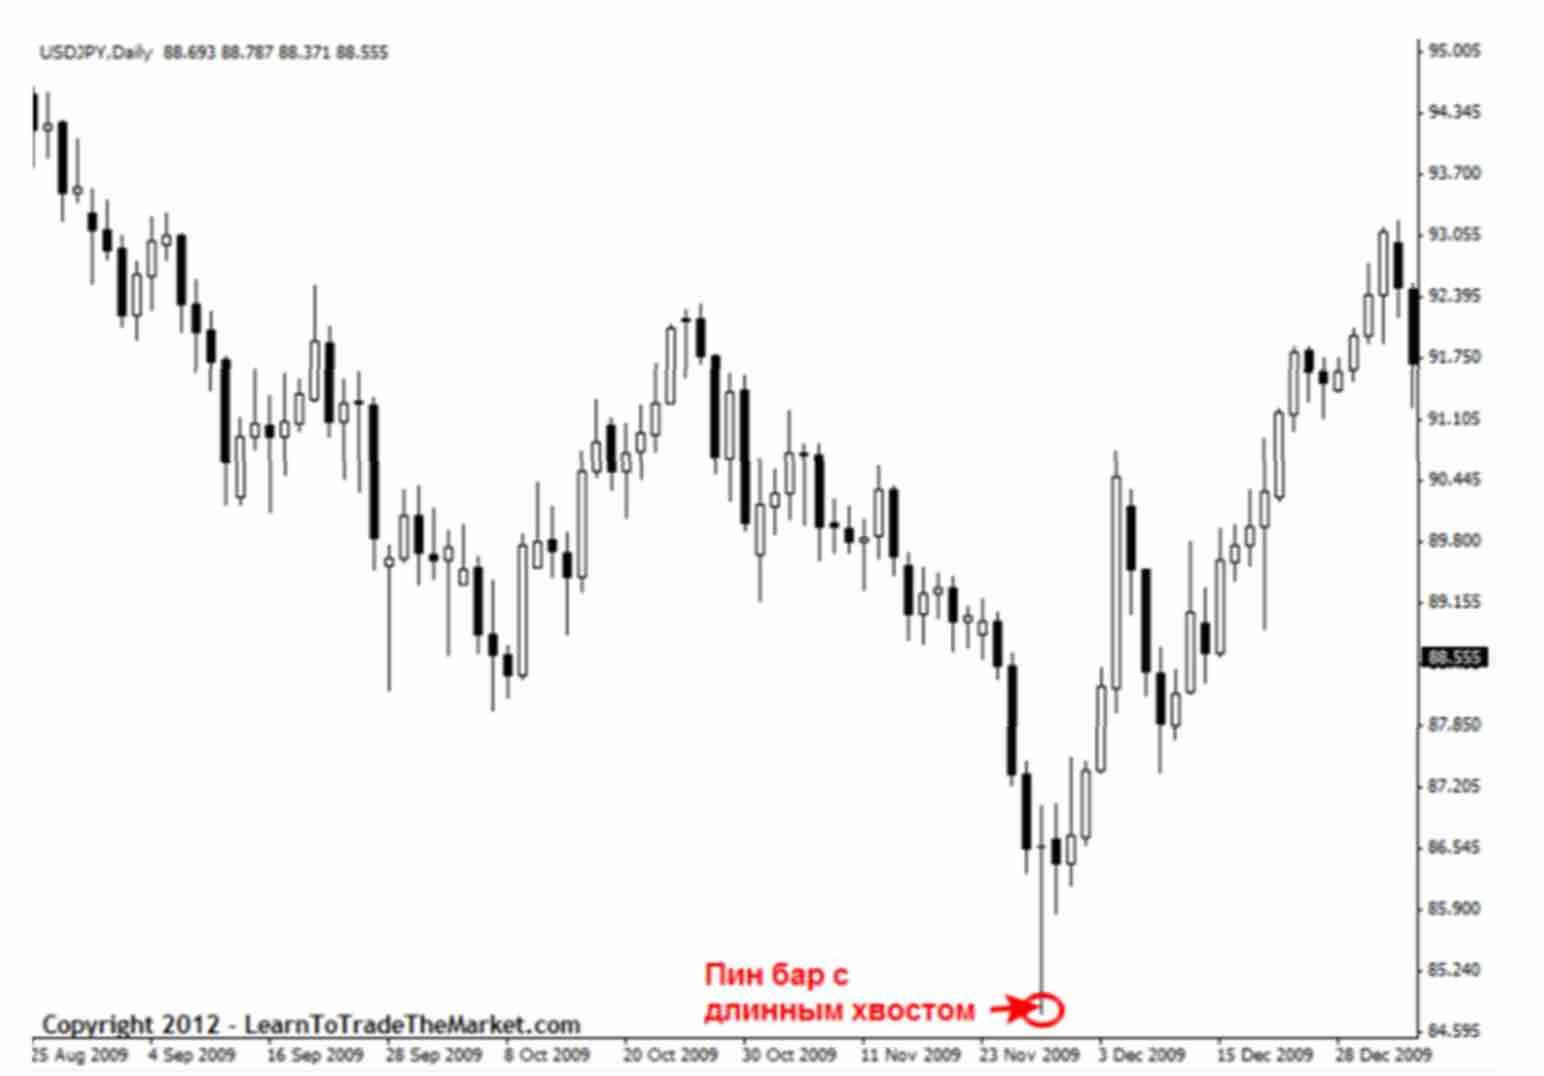 signal 06 Как отличить хорошие и плохие торговые сигналы прайс экшен?